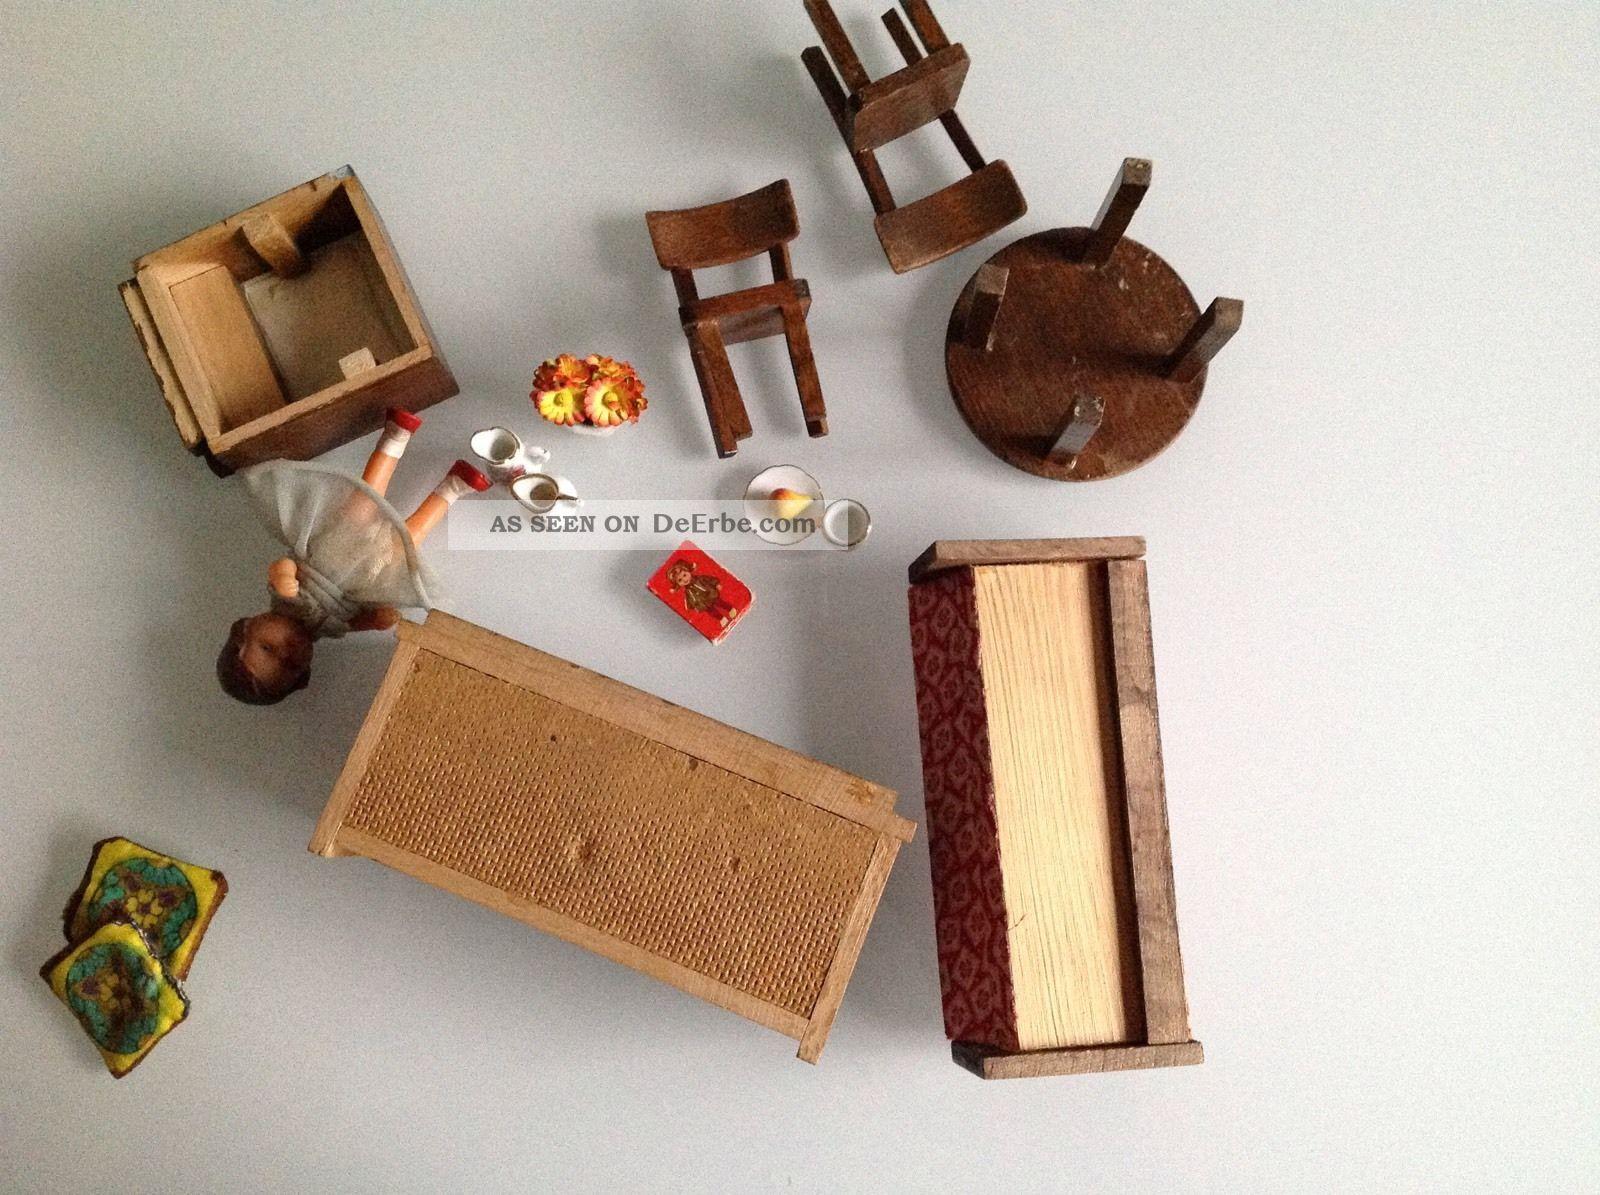 alte wohnzimmermöbel, holz, puppenstube, puppenhaus, 50/60er jahre, Hause ideen